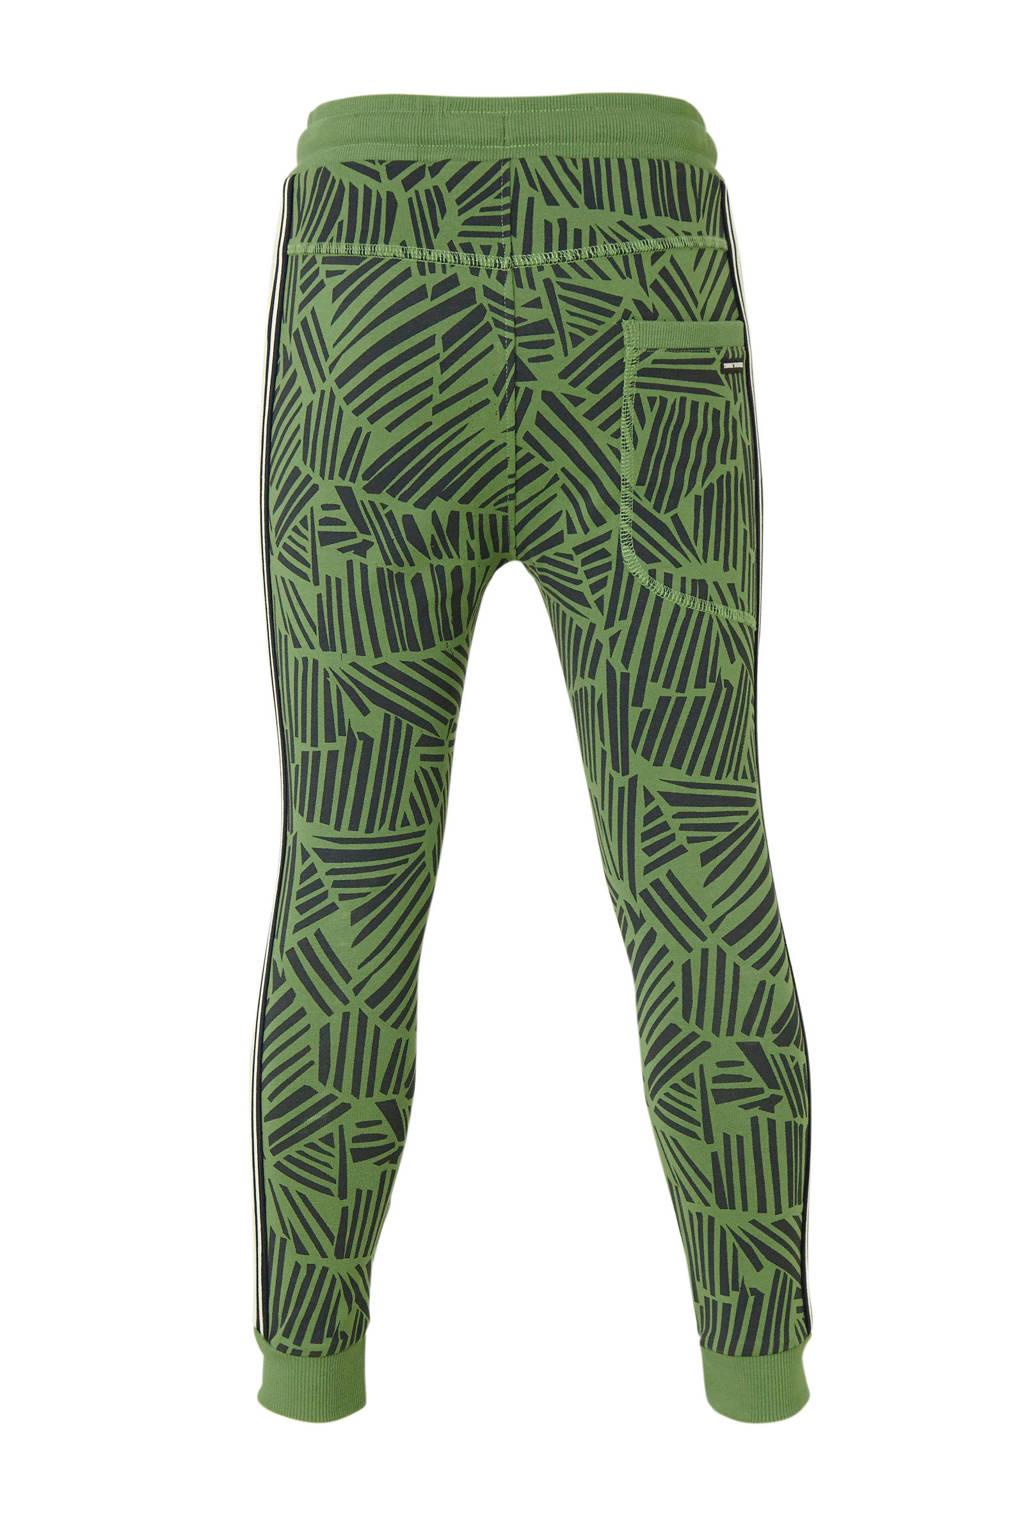 Tumble 'n Dry Mid   regular fit joggingbroek Waldemar met biologisch katoen groen/zwart/wit, Groen/zwart/wit